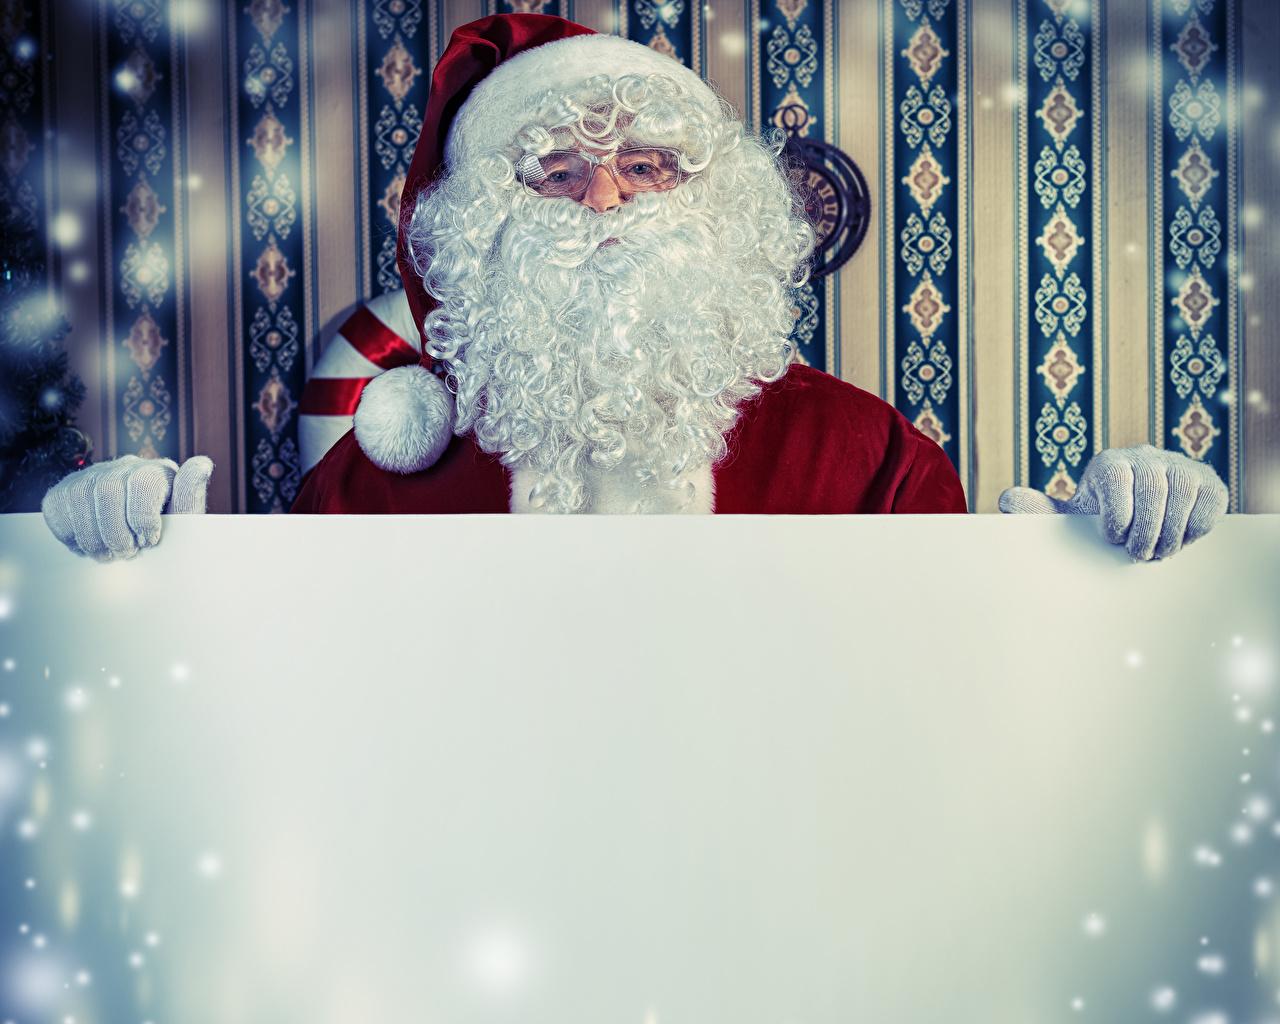 Bilder Neujahr bärtige Schneeflocken Weihnachtsmann Vorlage Grußkarte bärte Barthaar bärtiger